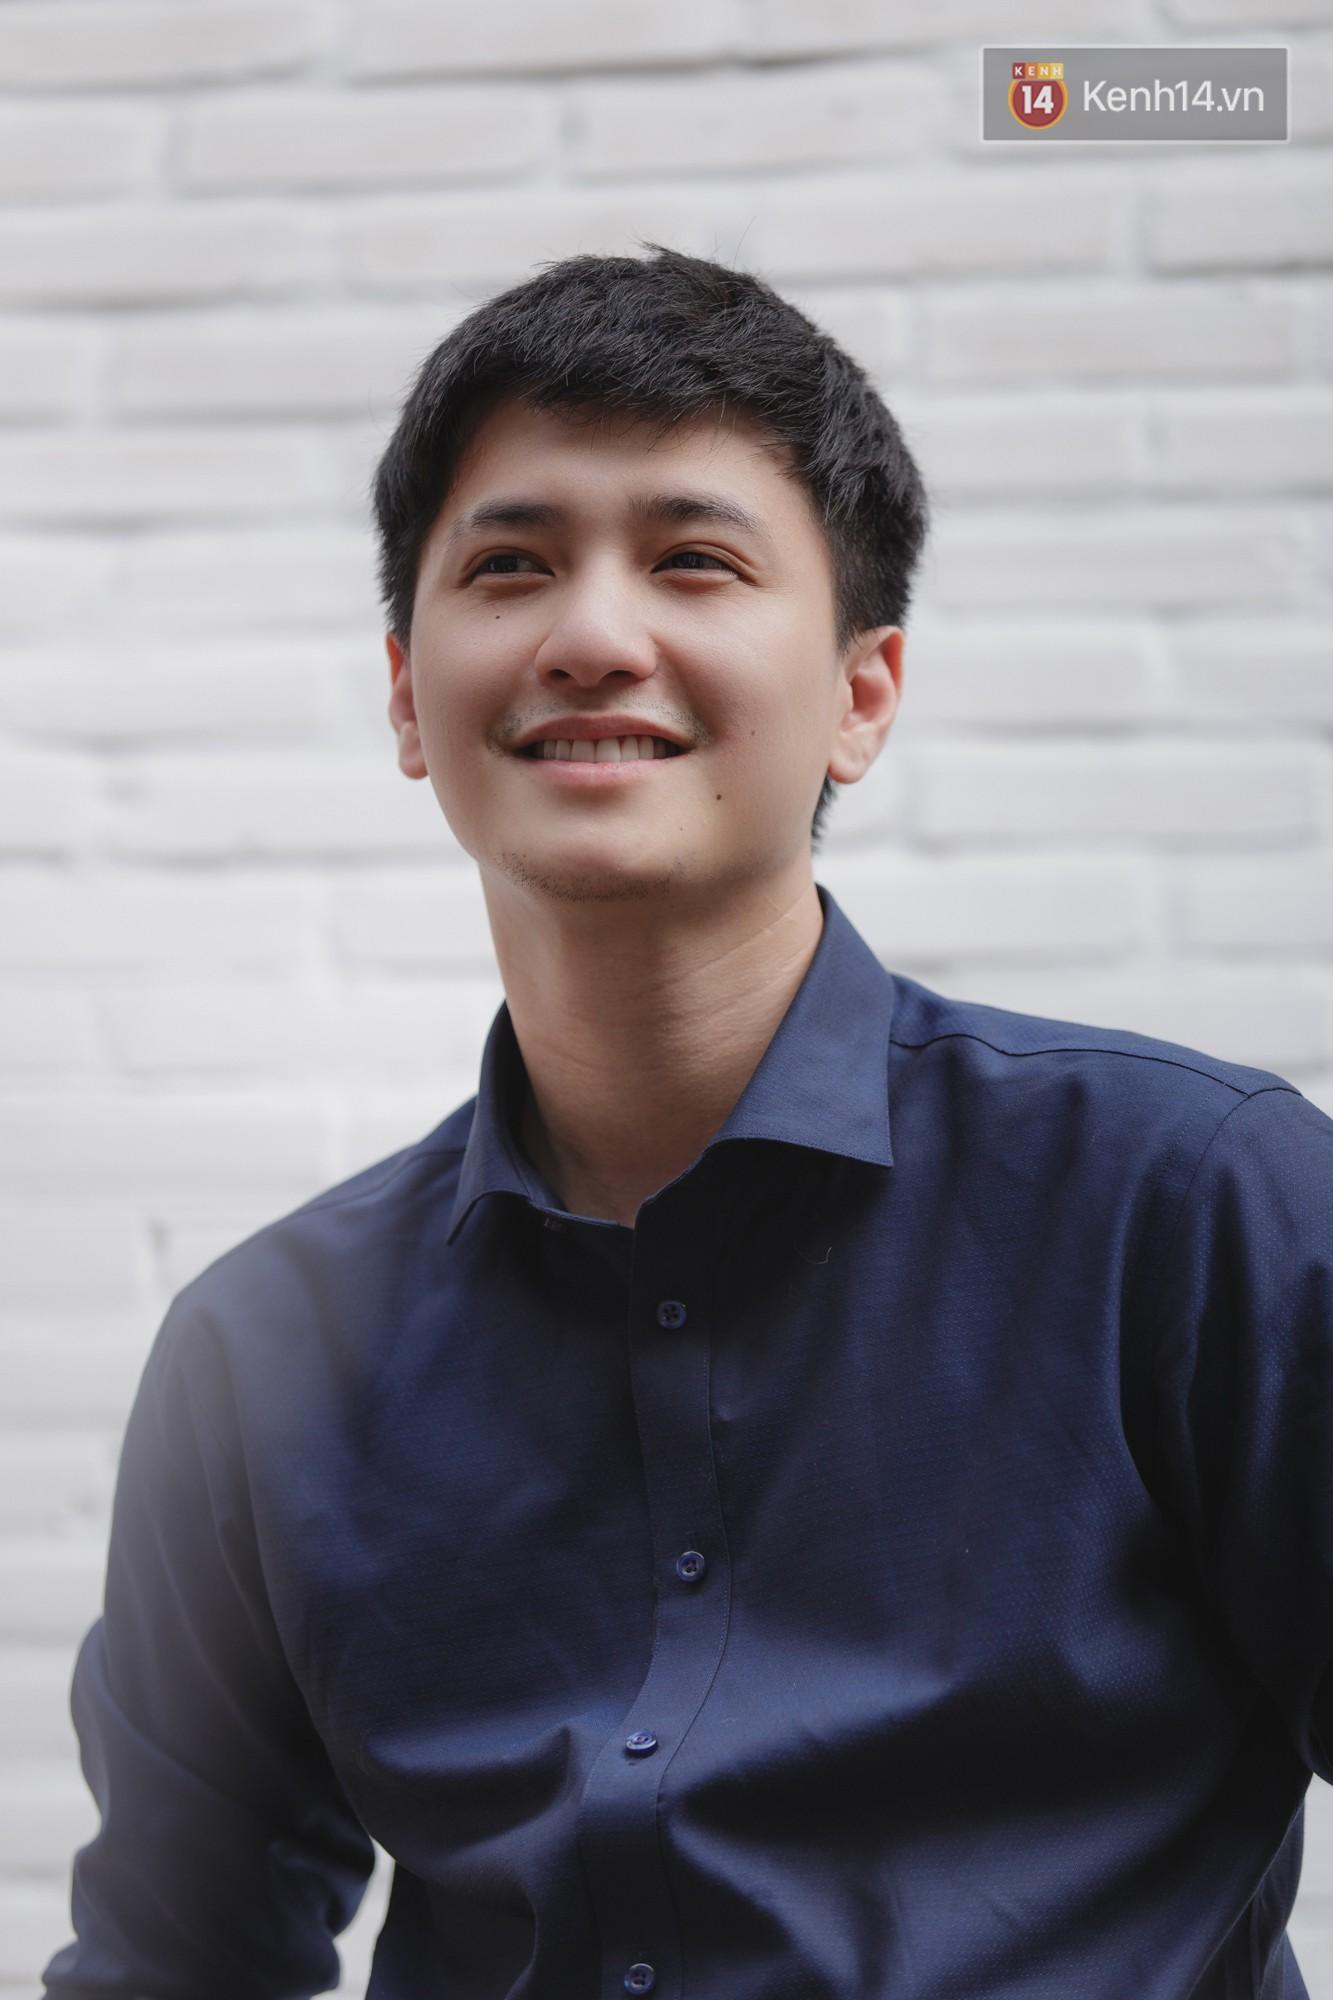 Huỳnh Anh kể chuyện Chạy Trốn Thanh Xuân: Phi không chết vì An, không yêu An thì yêu ai! - Ảnh 10.